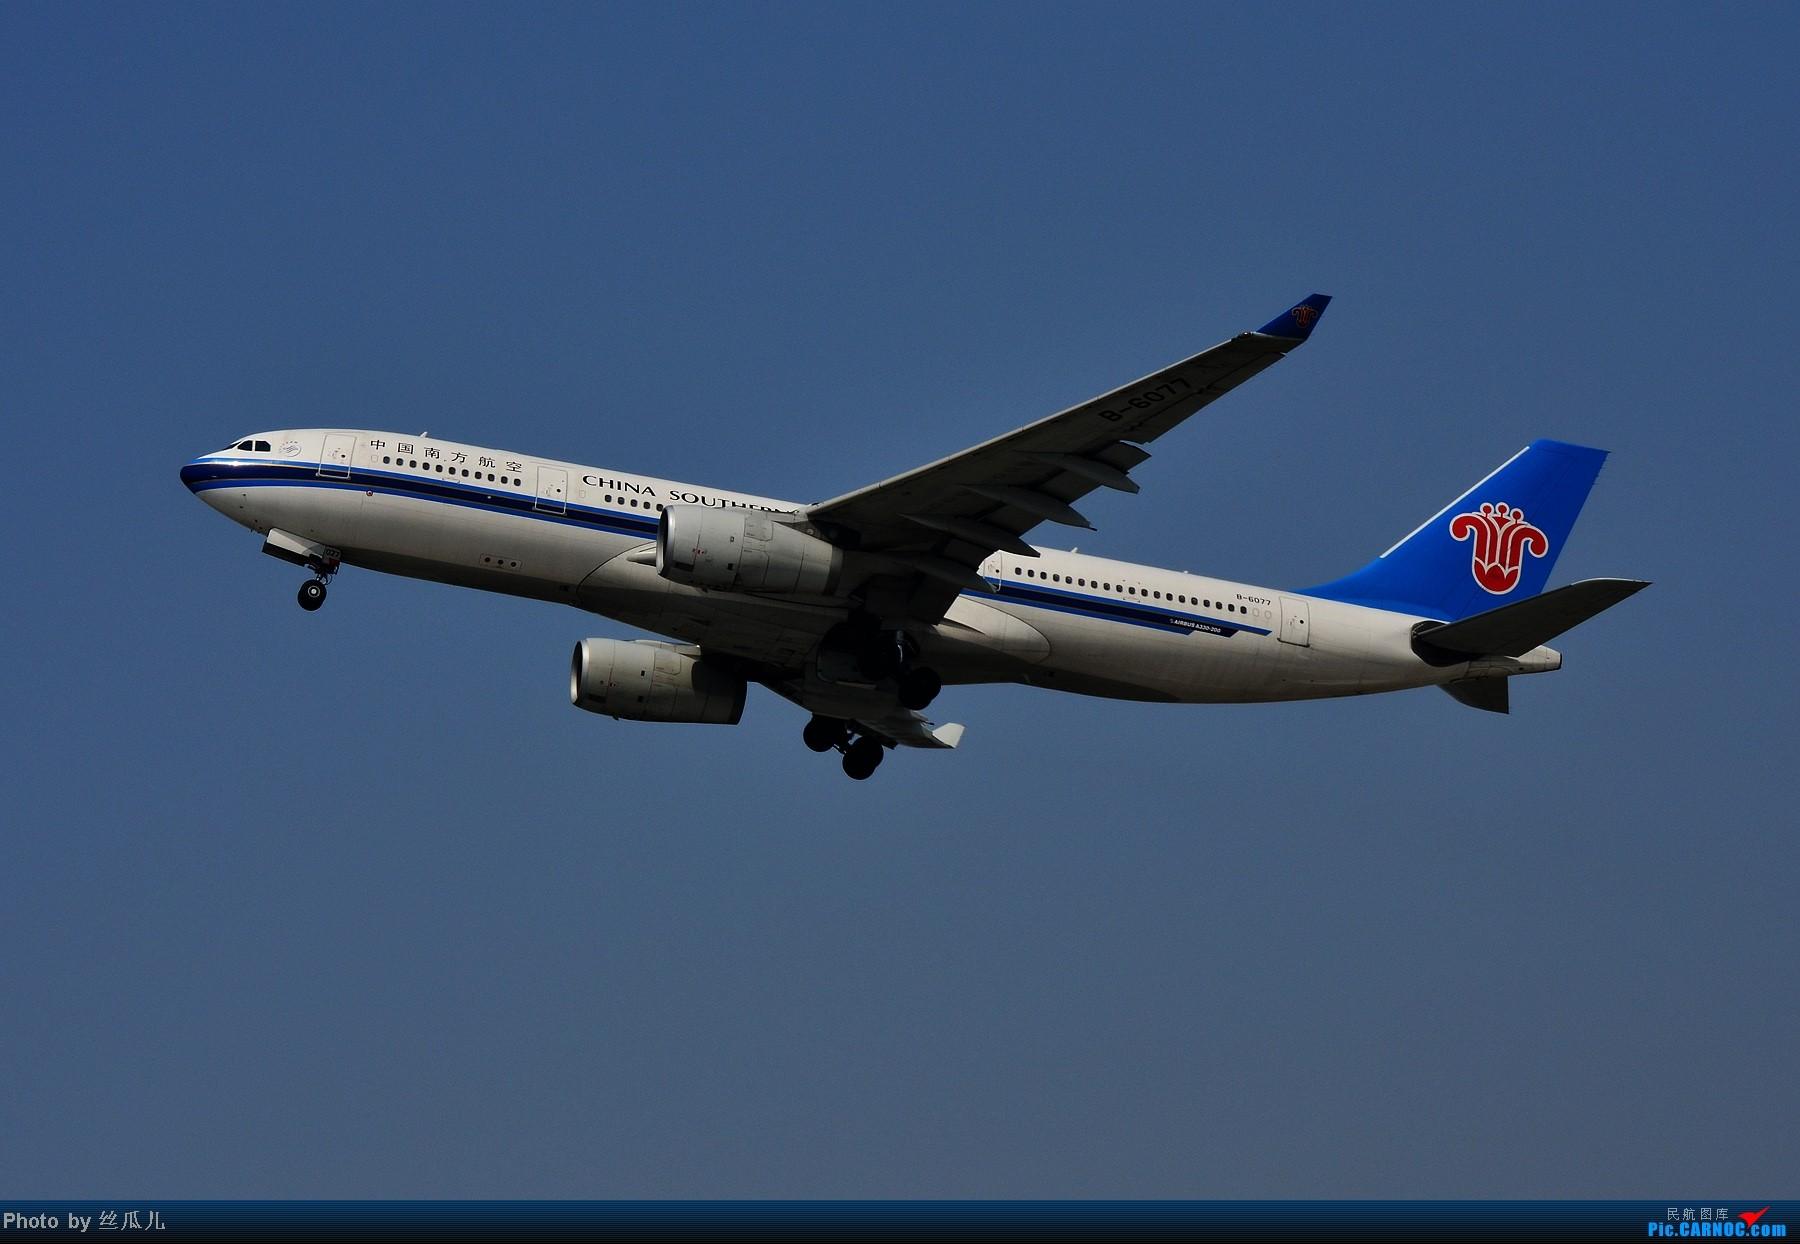 Re:[原创]2013年3月3日-萧山机场-晴 AIRBUS A330-200 B-6077 中国杭州萧山机场